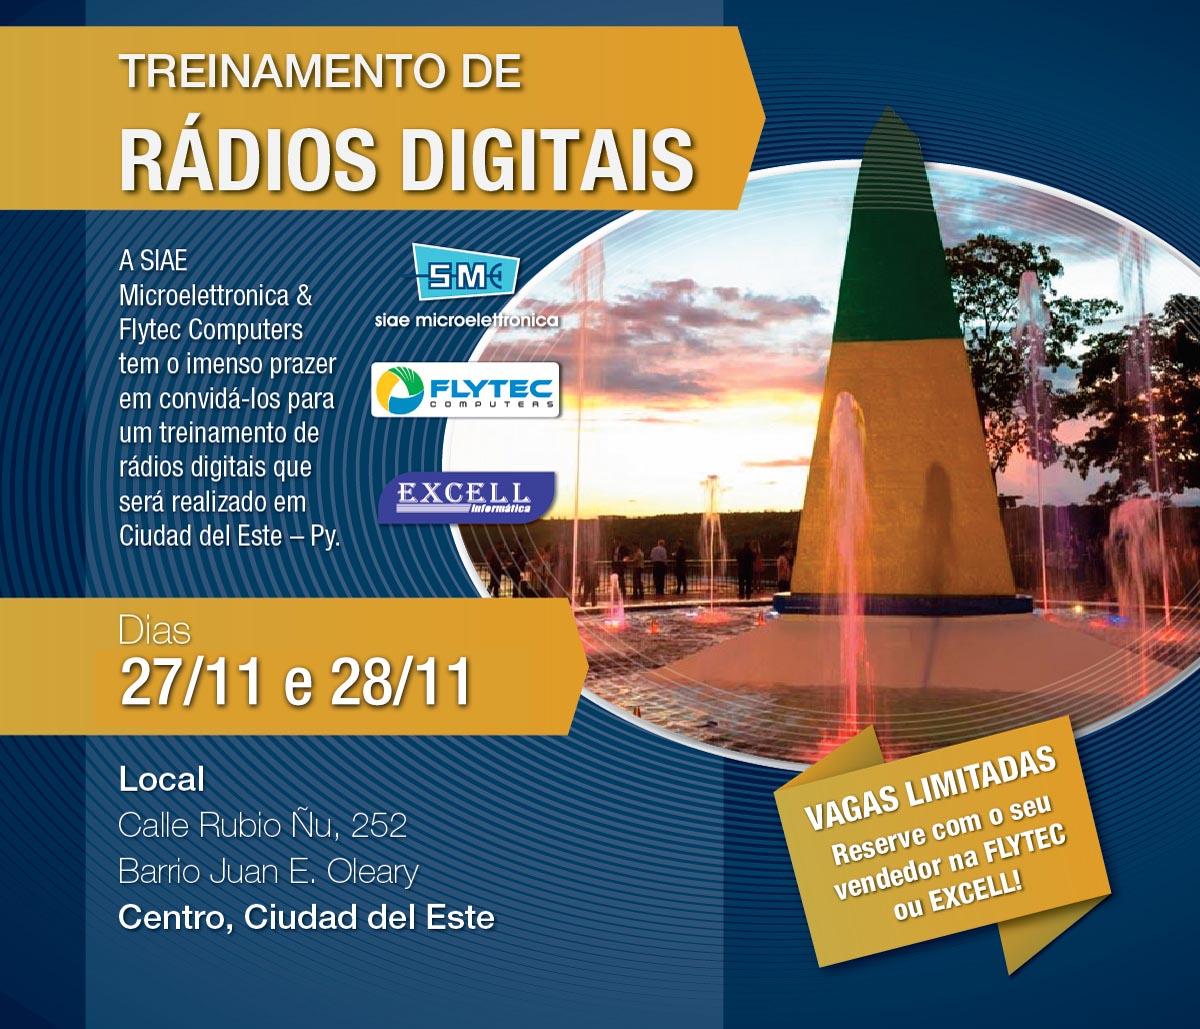 Treinamento Siae Rádios Digitais - 06 e 07/11